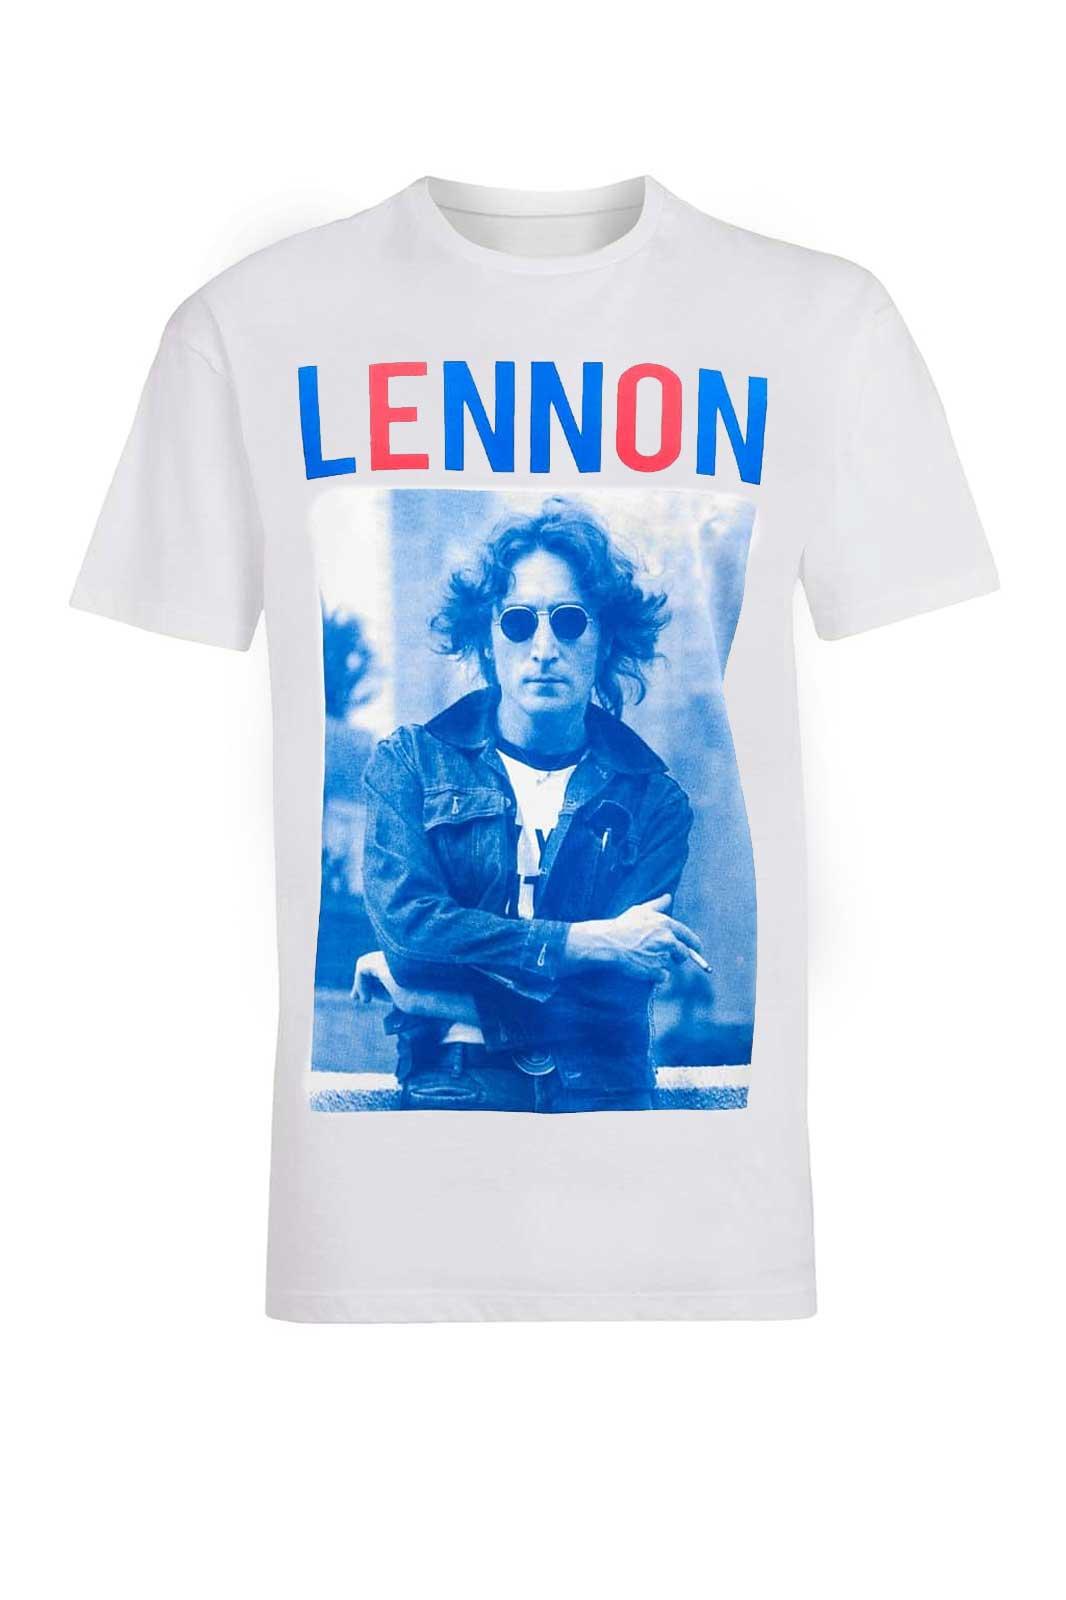 Tee John Lennon Bluered